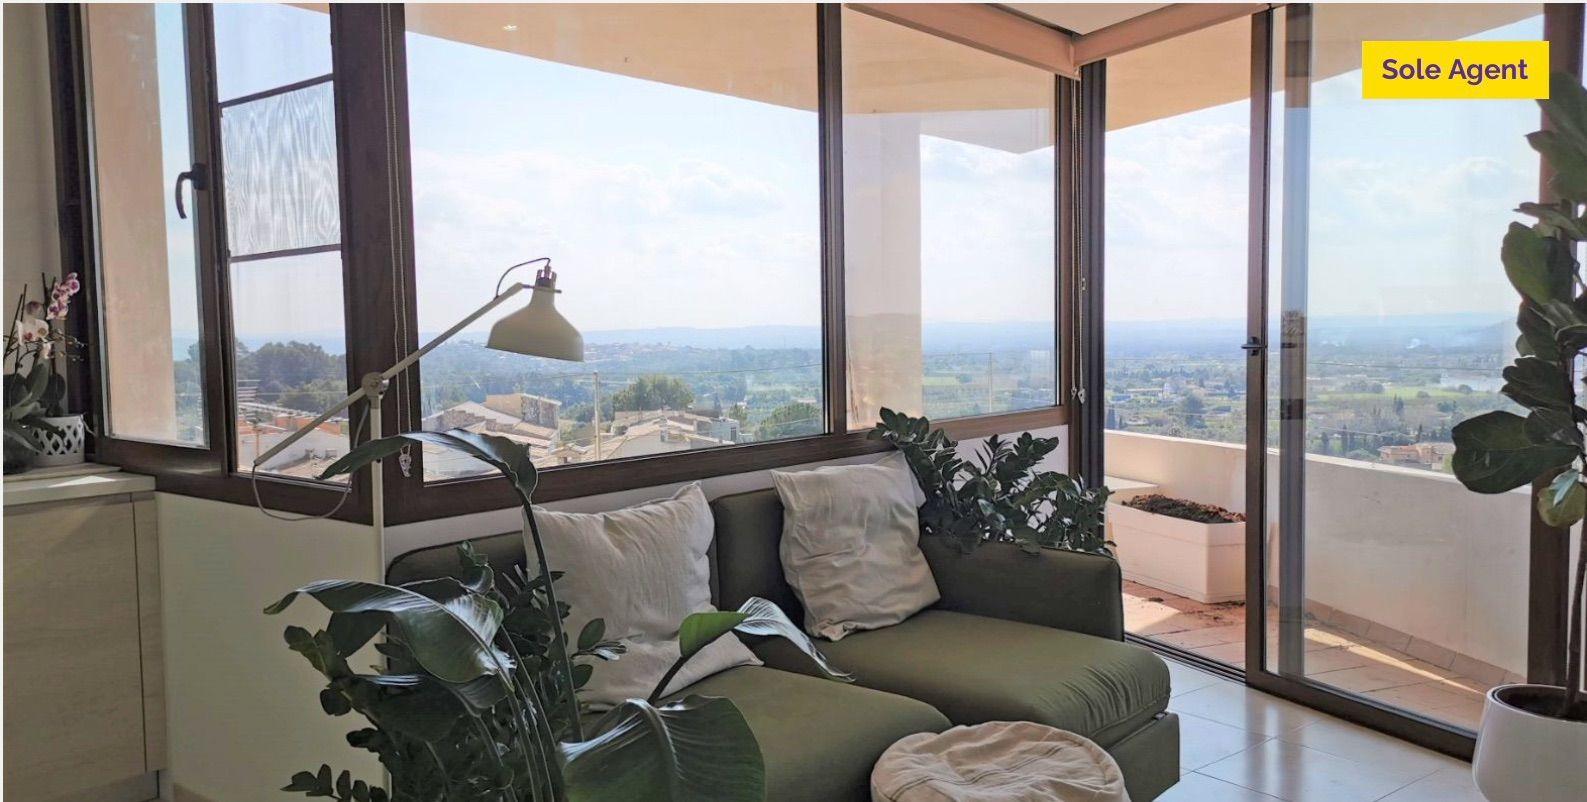 Apartamento en Campanet, Campanet with garage & views, venta